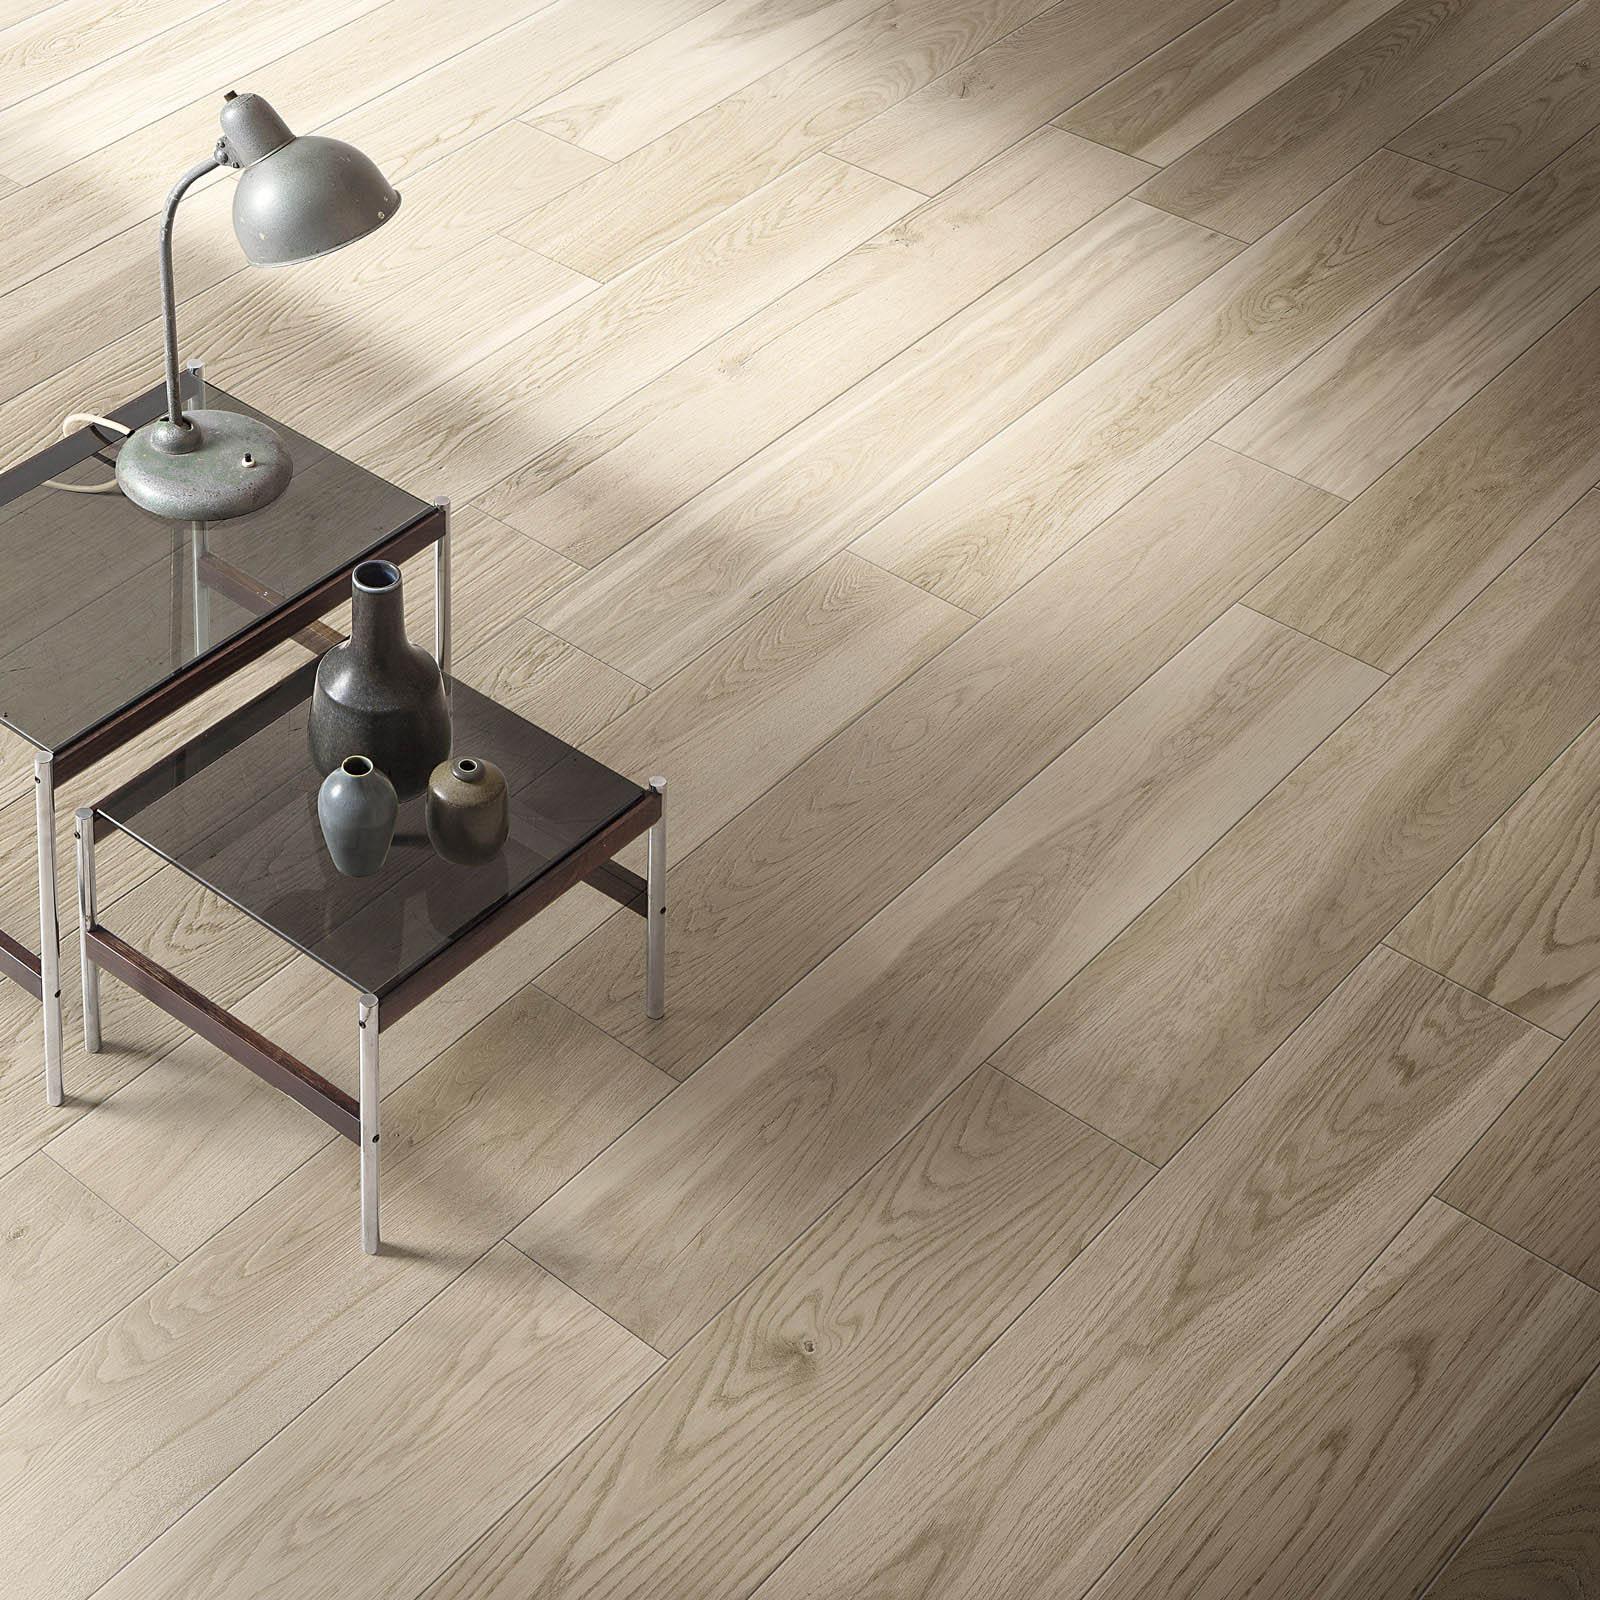 Treverkmore gres effetto legno interno e esterno marazzi - Gres porcellanato effetto legno esterno ...